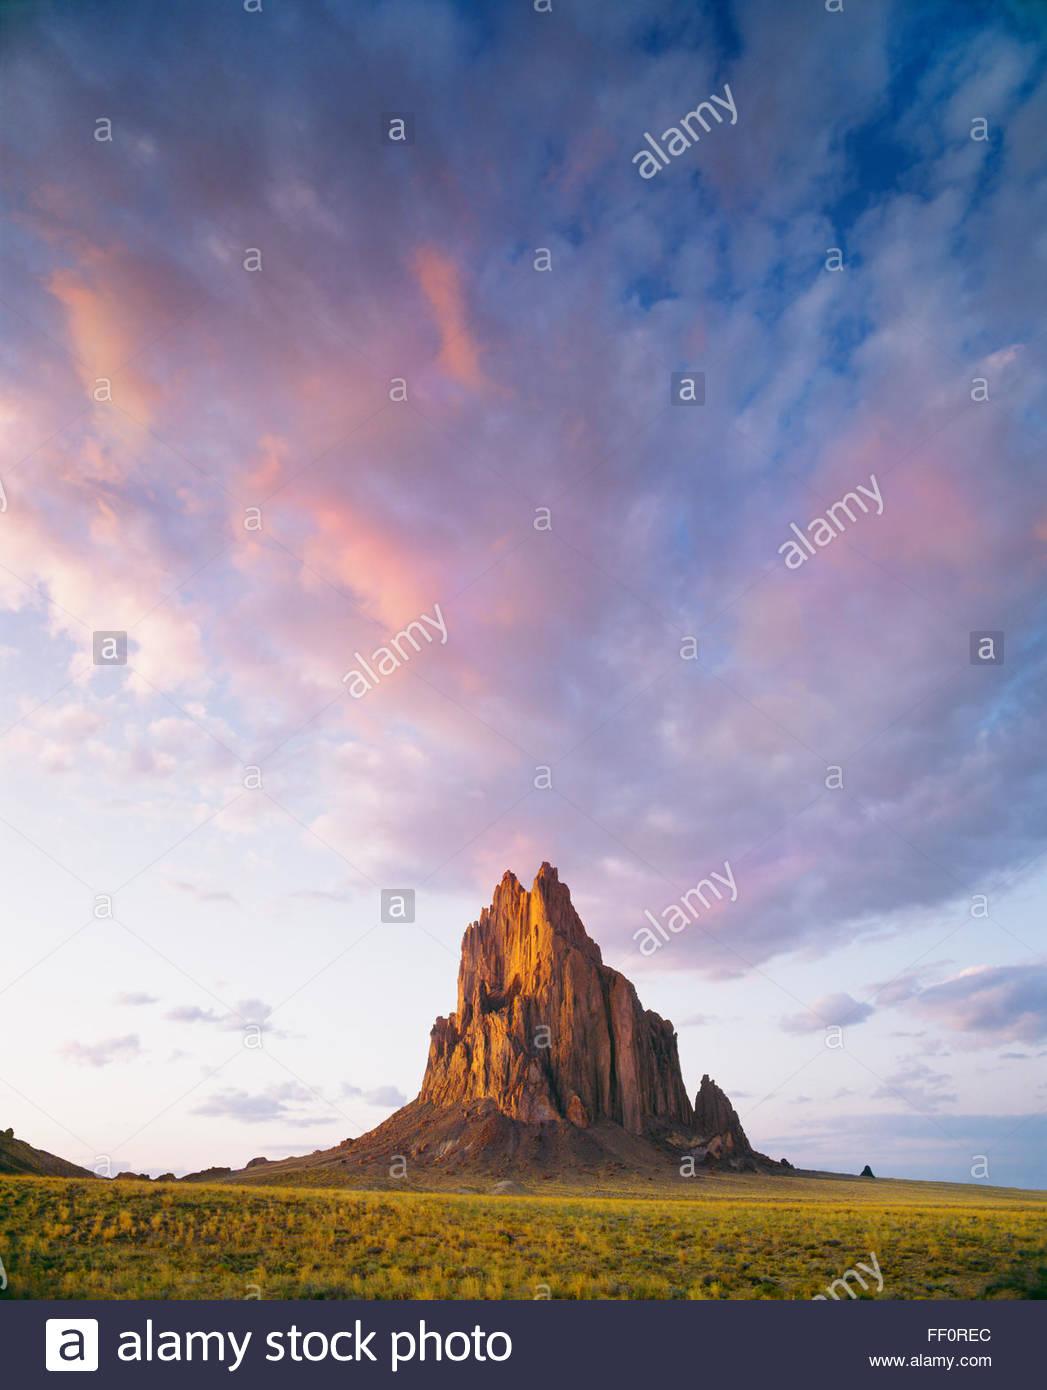 Shiprock, 1100 pieds de haut monolithe volcanique, Navajo Indian Reservation, Nouveau Mexique. Photo Stock